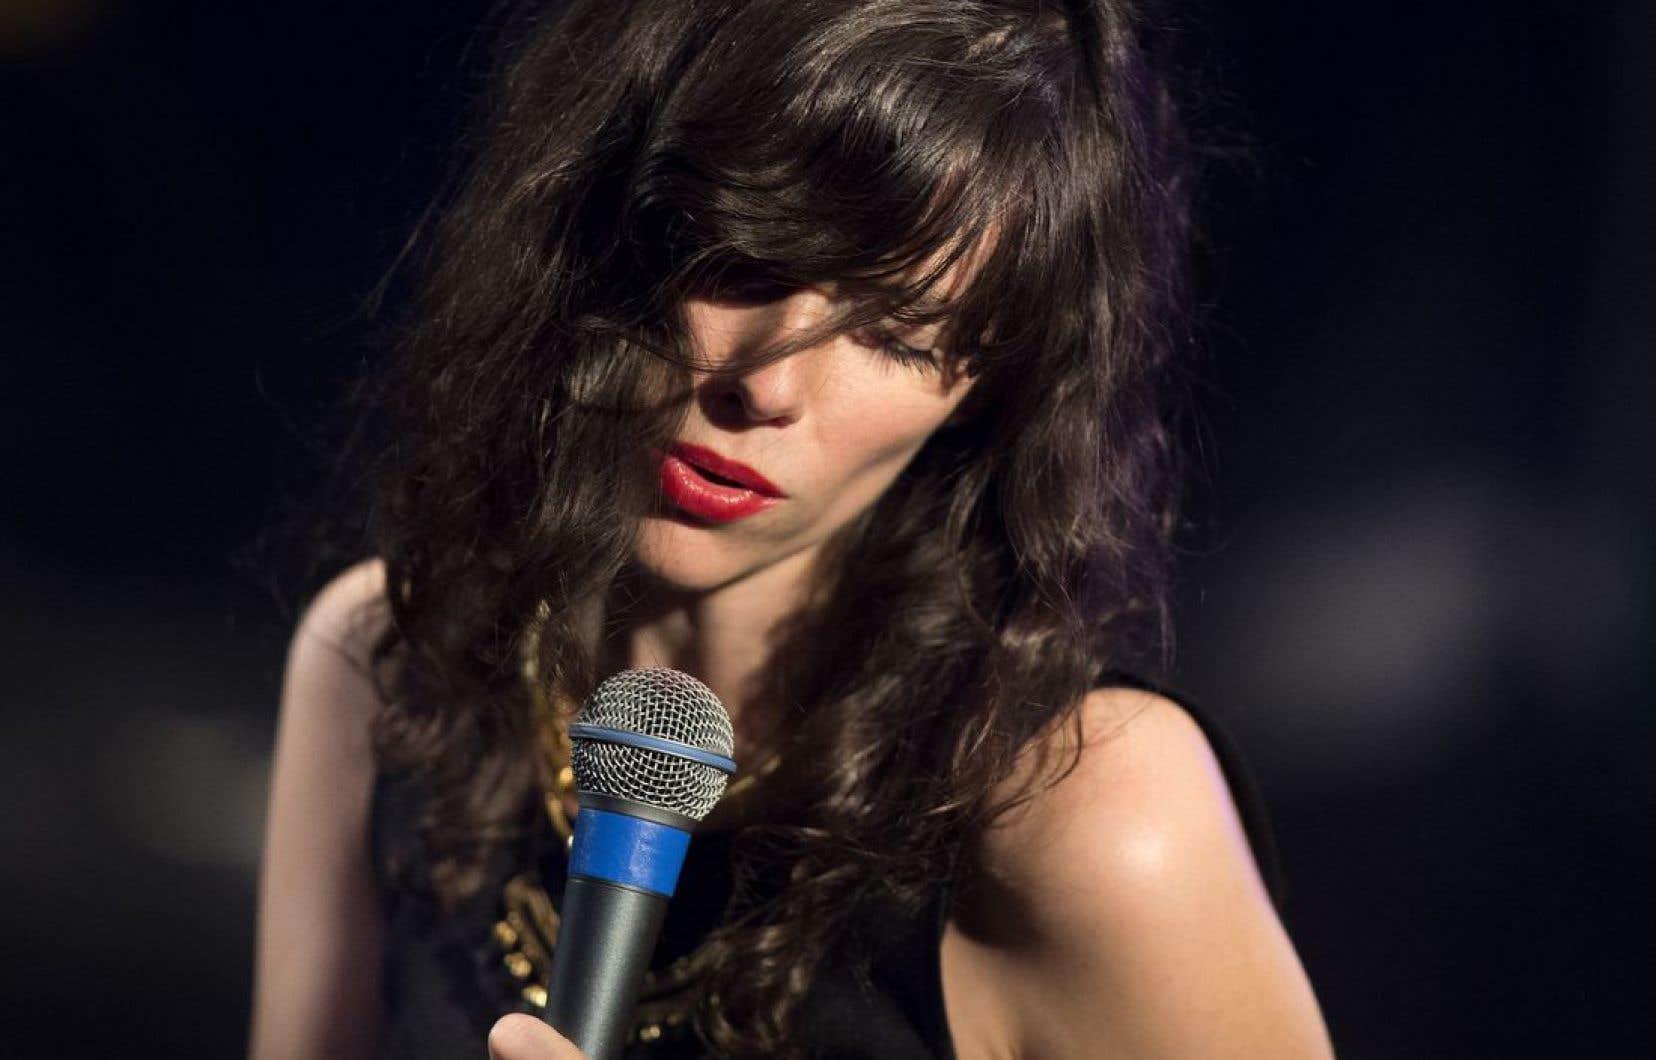 La musicienne Natalie Prass sait mimer la grâce et occuper l'espace avec une démarche aguichante, fragile dans son esprit soul.